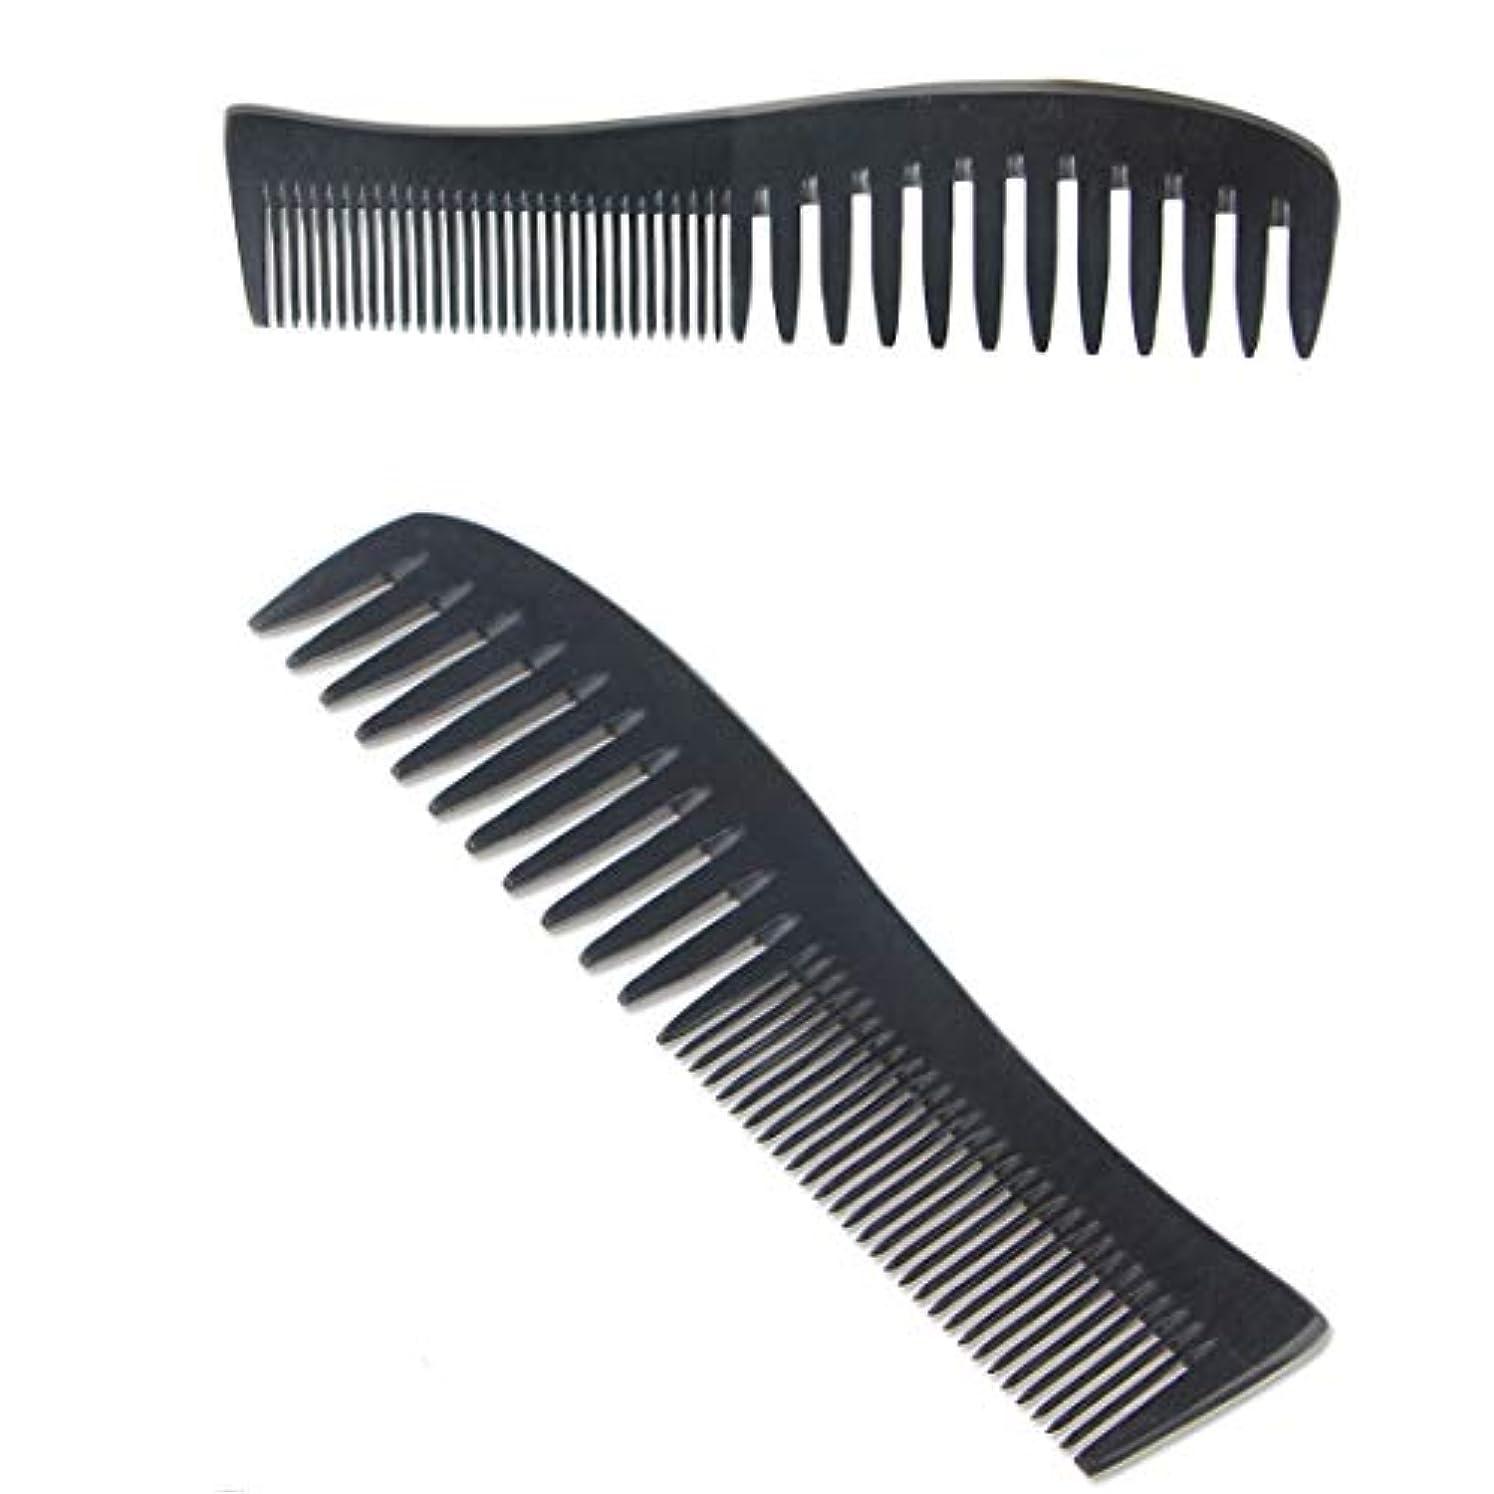 保証金間違っているぞっとするような手作りの木製くし - ふけ防止、帯電防止、環境にやさしい - 頭皮と髪の健康に最適、幅広の歯2個 ヘアケア (色 : 2Pcs)